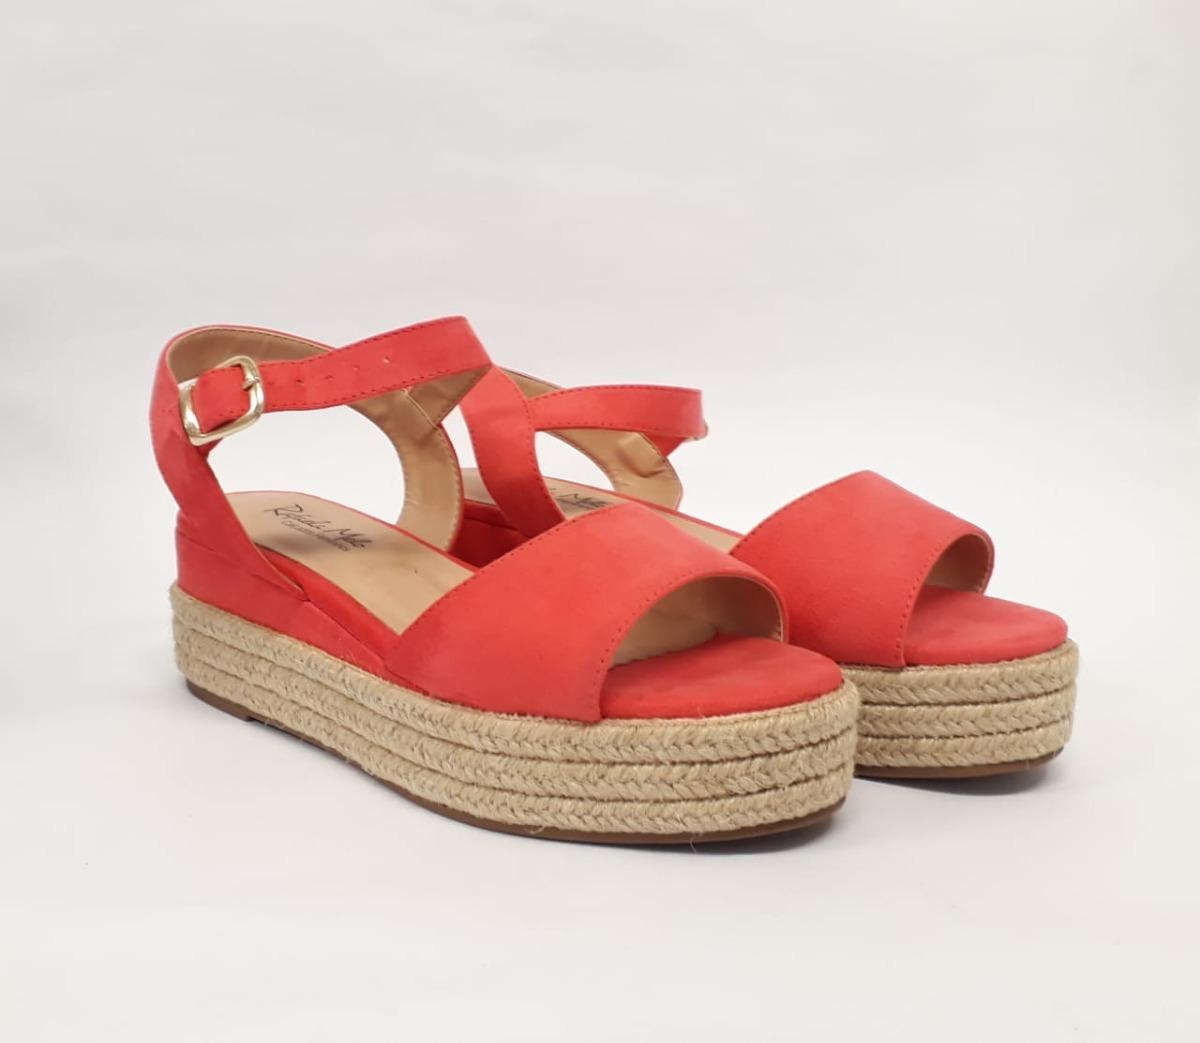 88ff7c903 sandalia feminina anabela tratorada rasteirinha moda. Carregando zoom.